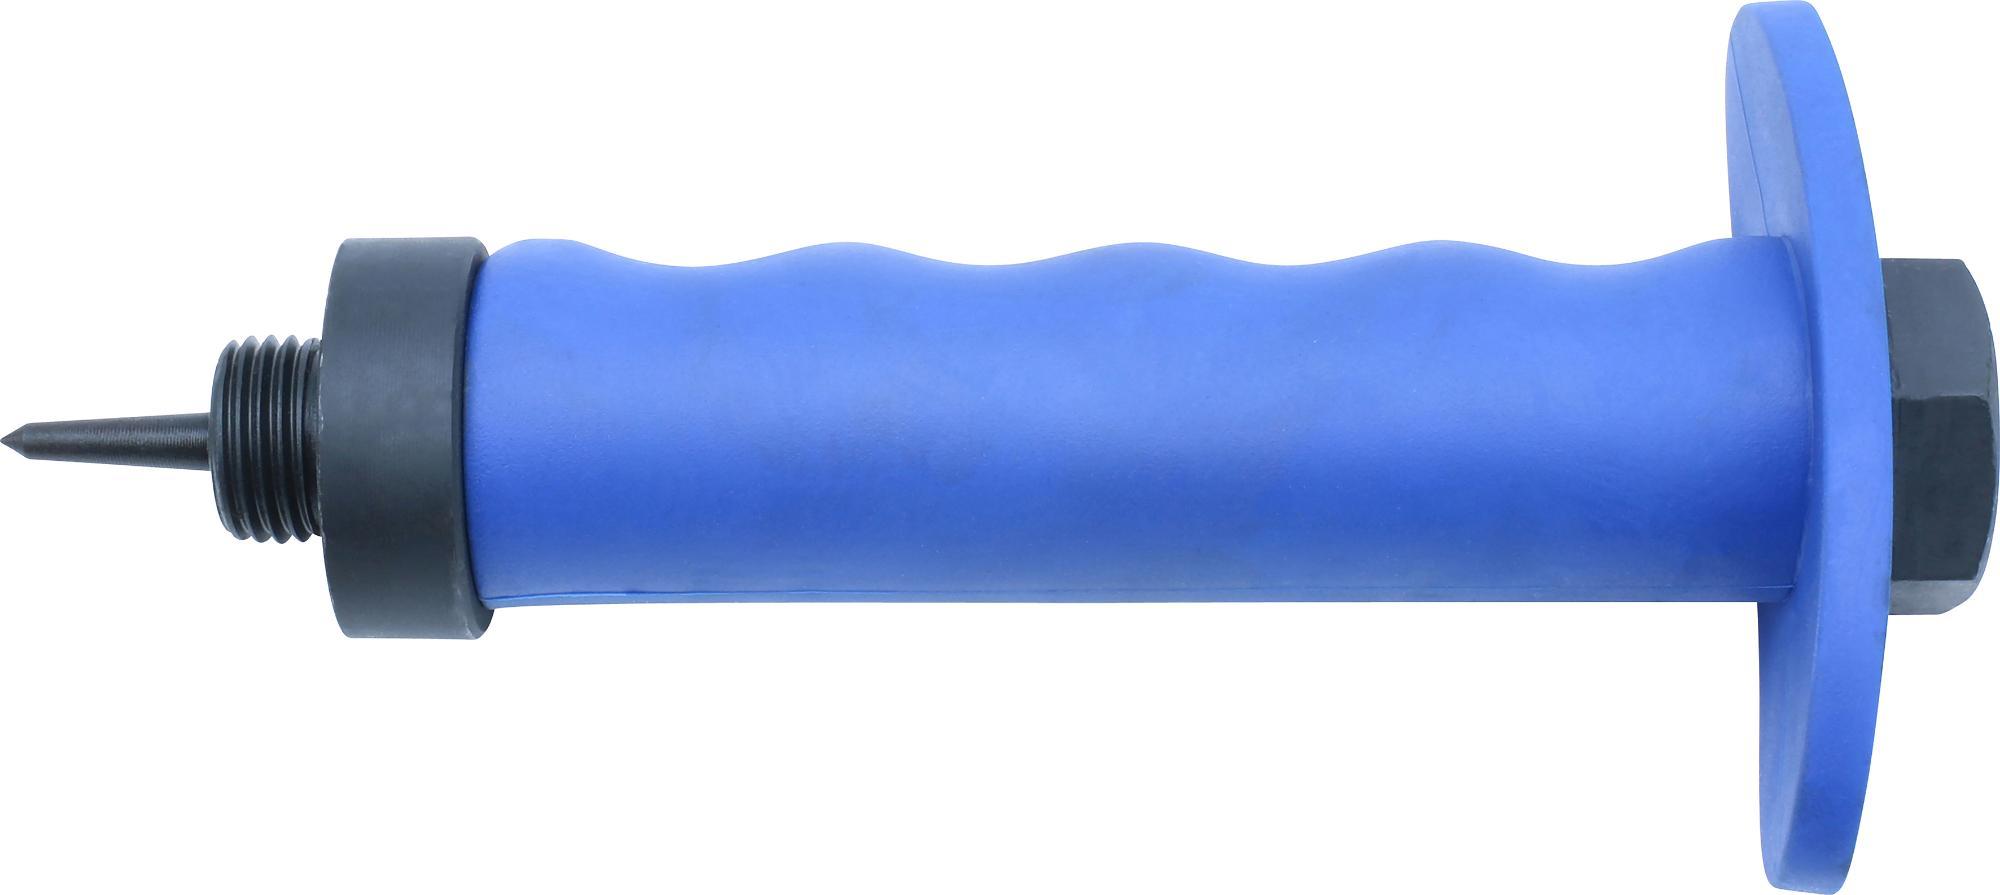 Dierovače sada, 14-dielna., výmenné hlavy 5-35 mm